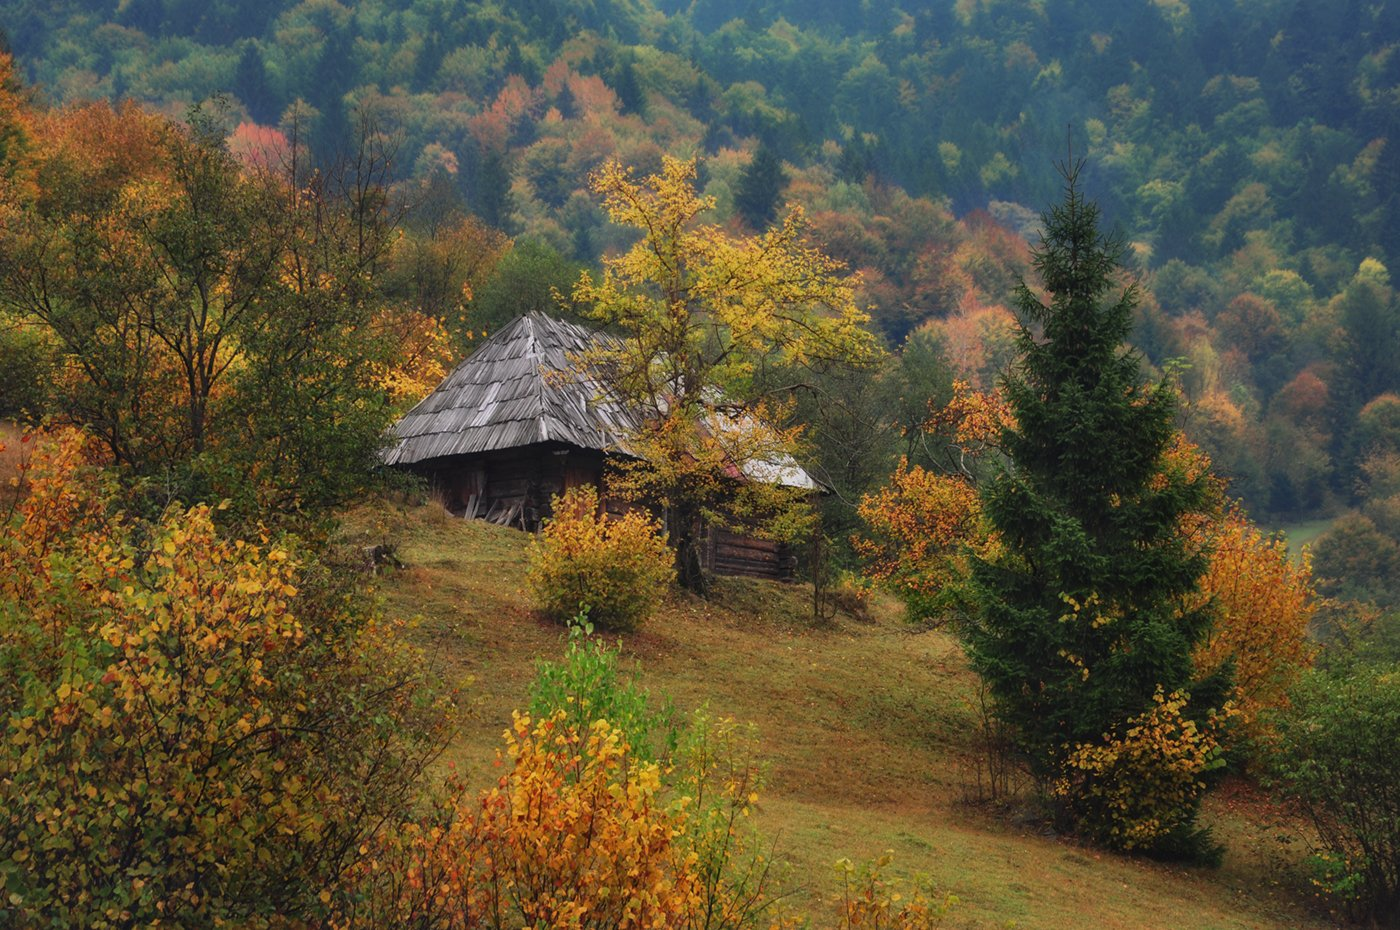 осень, горы, закарпатье, изба, Вьюшкин Игорь